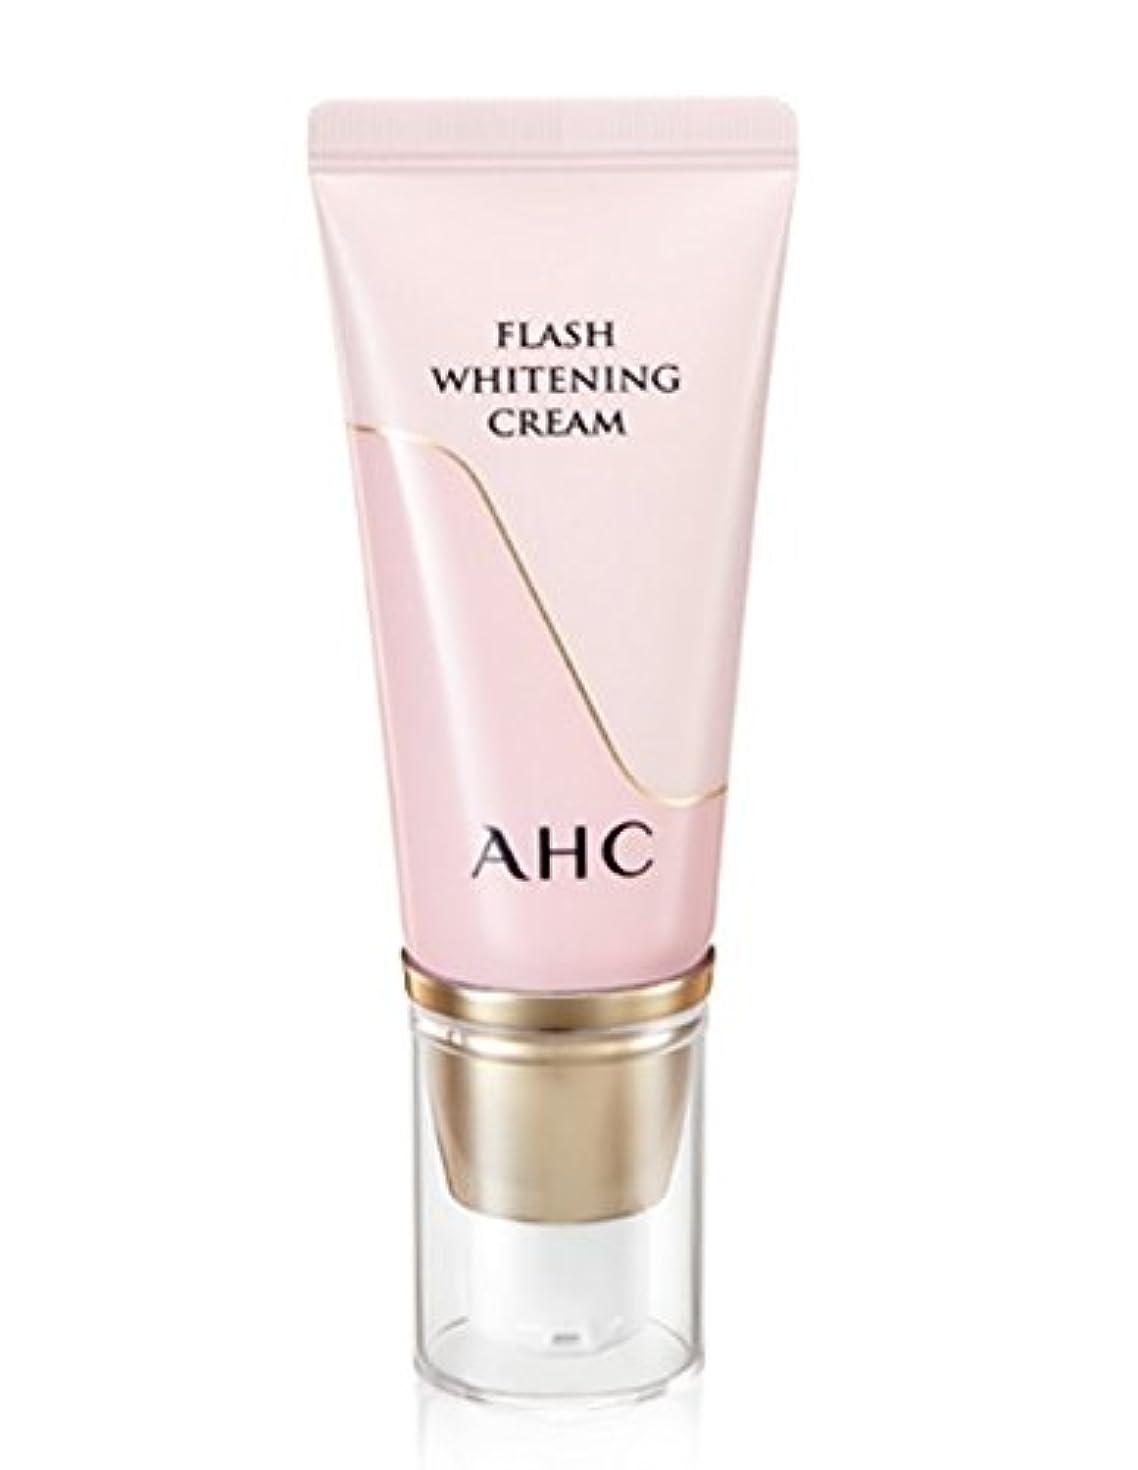 風刺リボン誤解させる[A.H.C] AHC フラッシュホワイトニングクリーム [AHC FLASH WHITENING CREAM 30ml/SPF30/PA++] [並行輸入品]